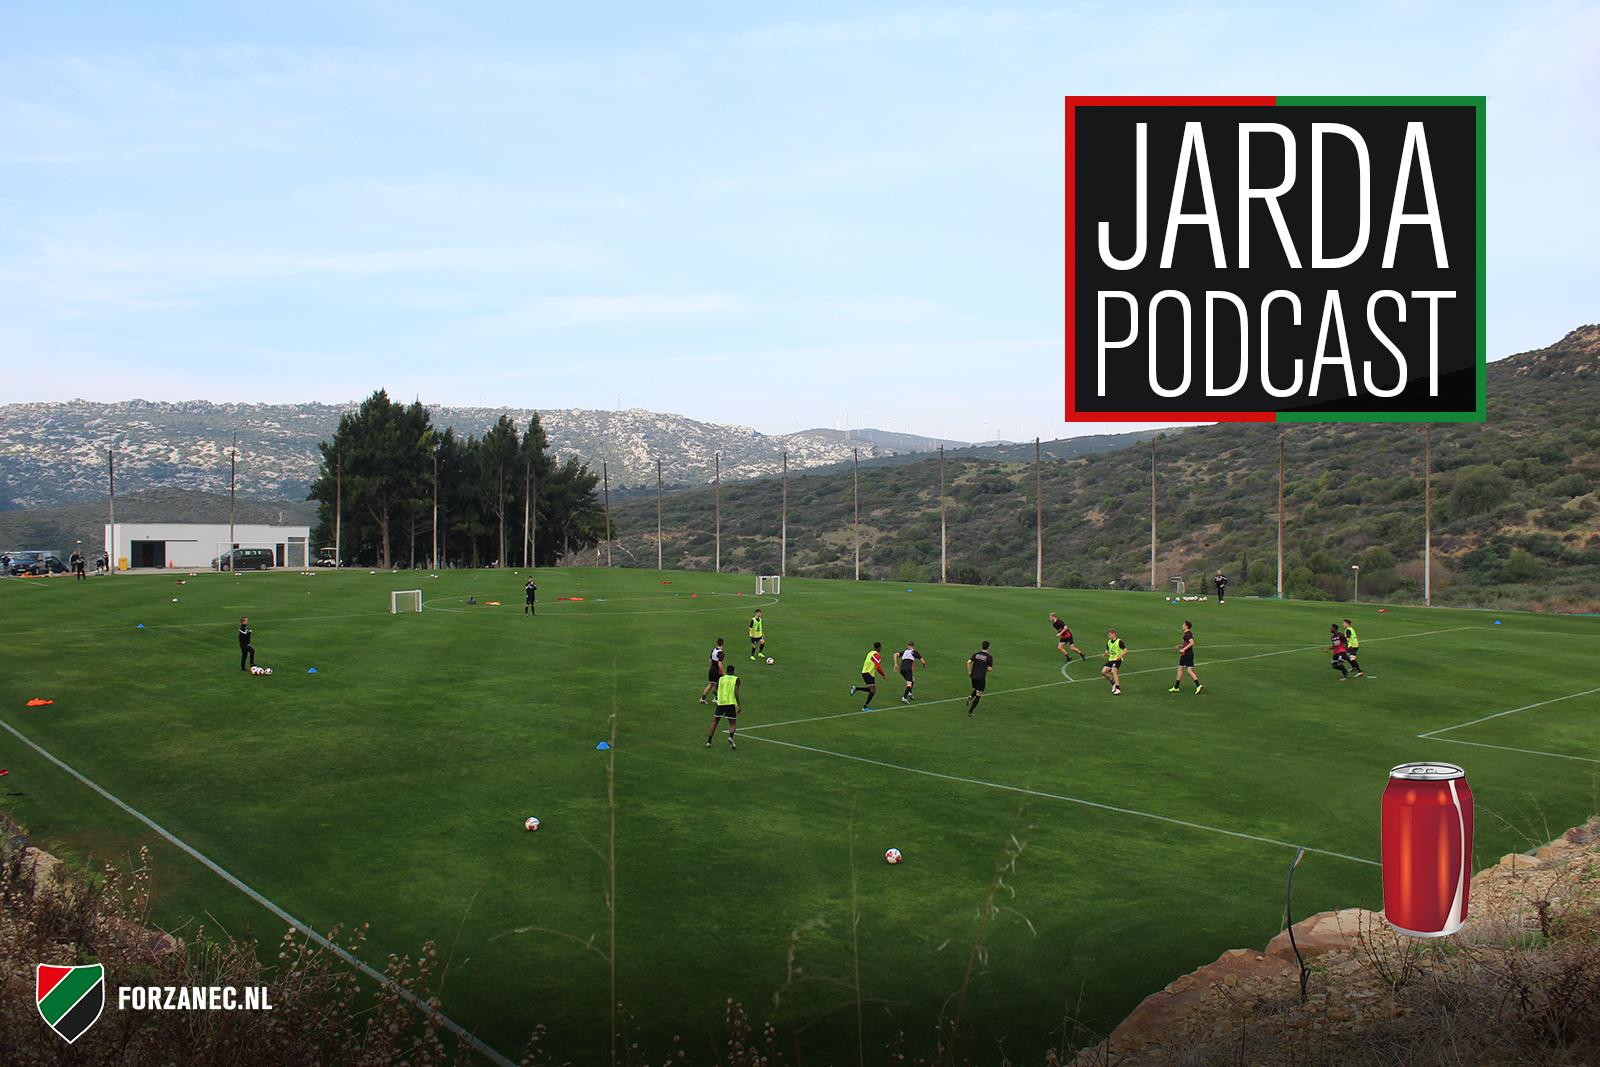 Jarda Podcast in Spanje #1: een blik op het trainingskamp van NEC